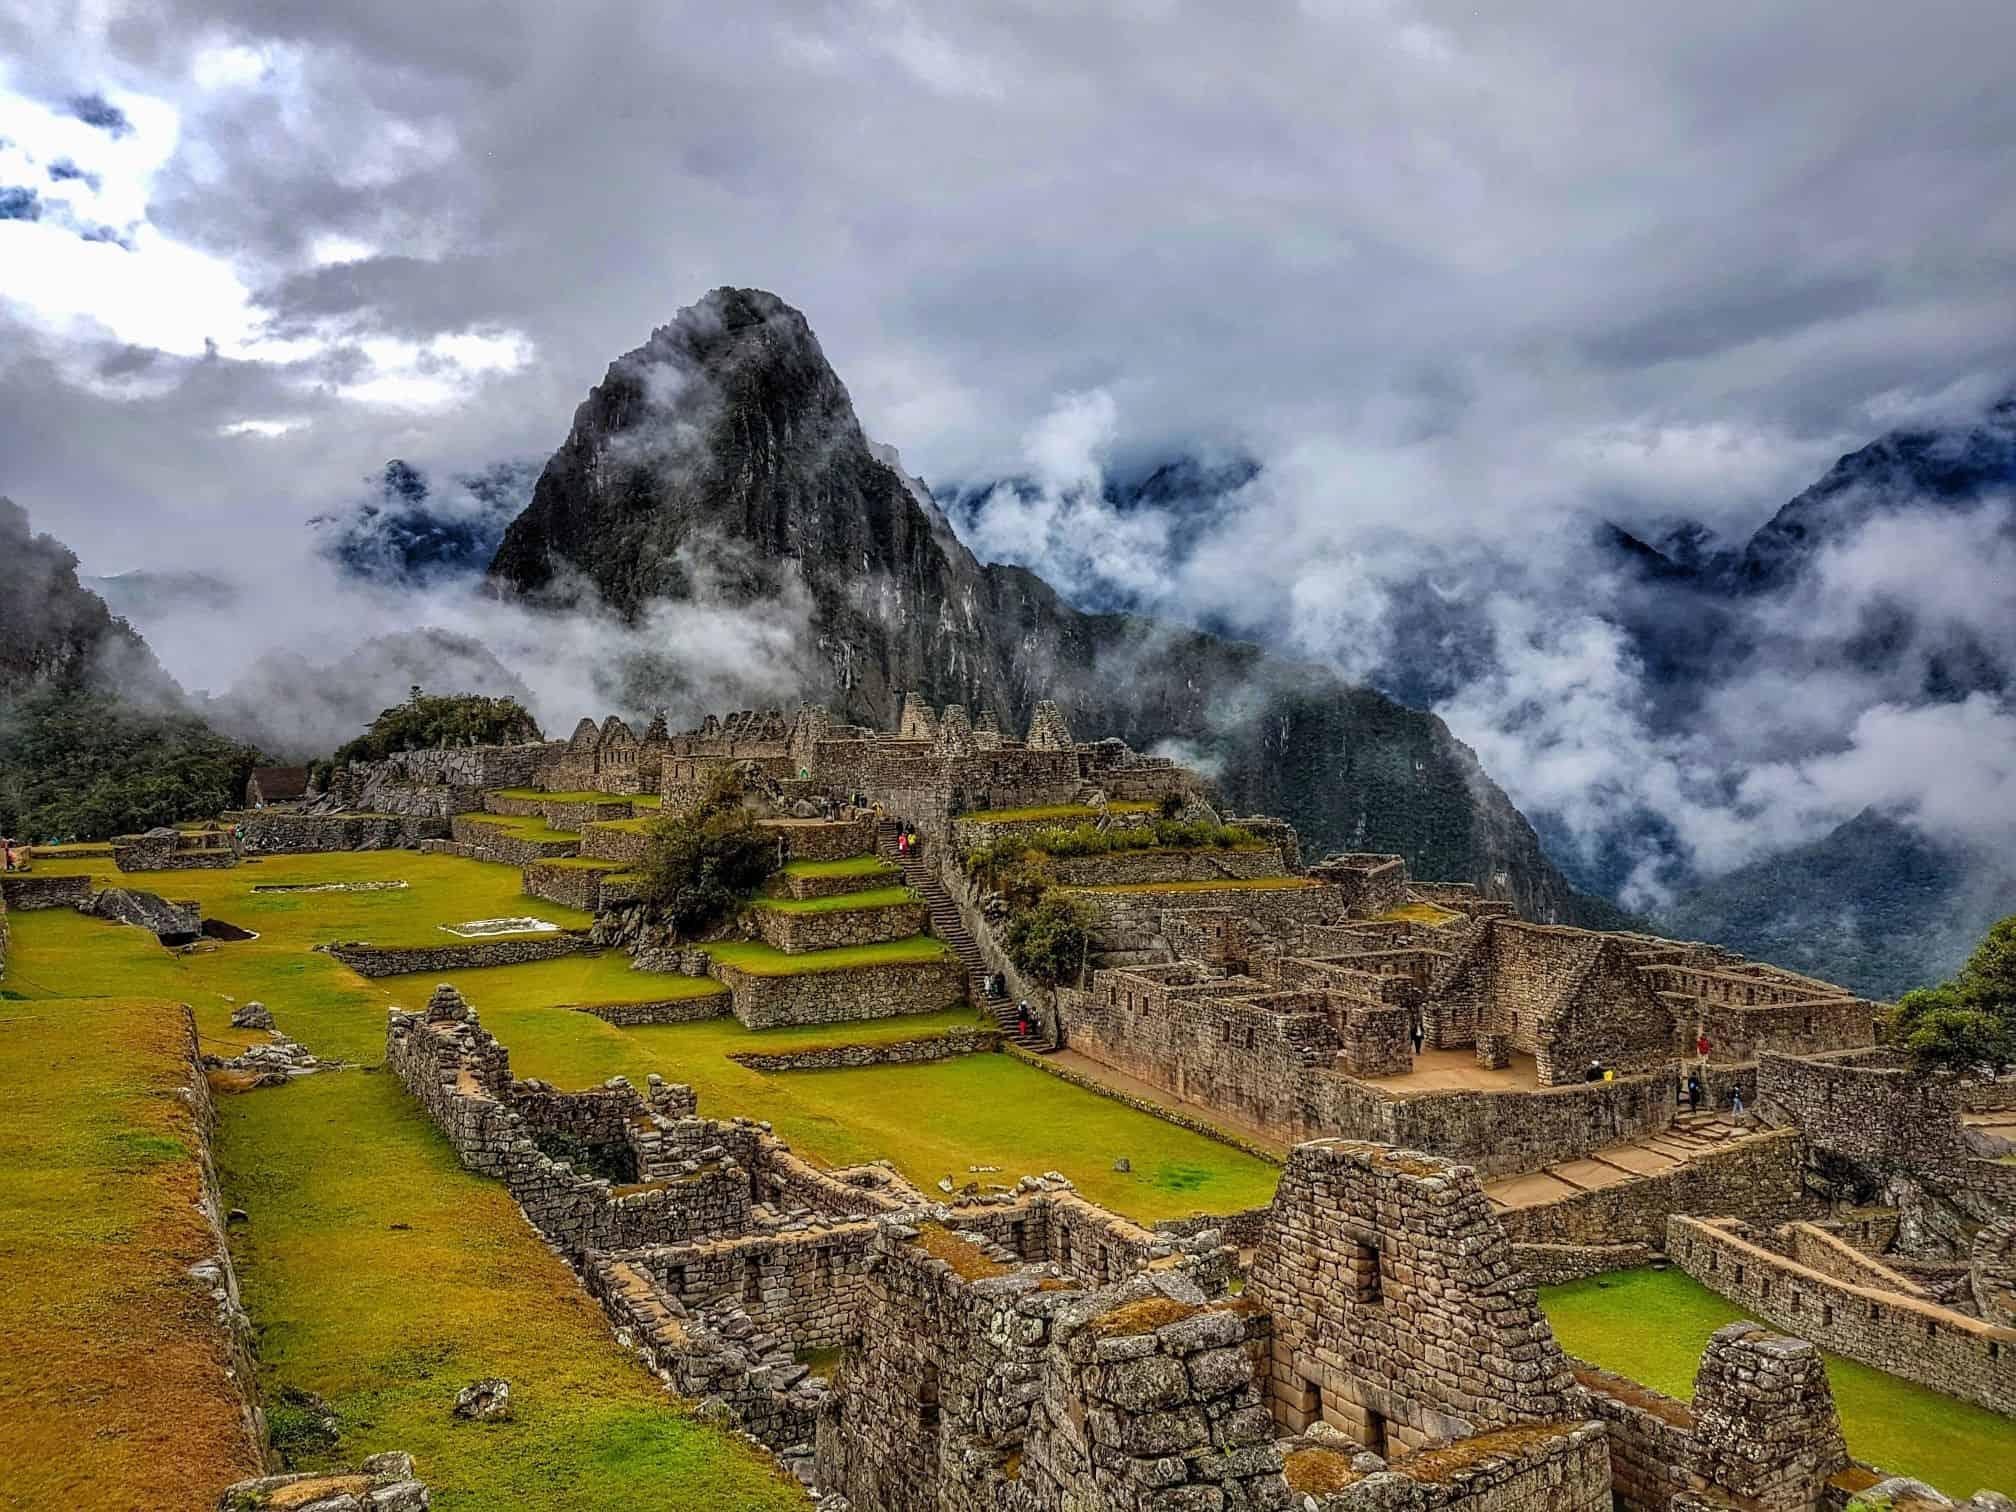 Le Pérou et ses merveilles oubliées